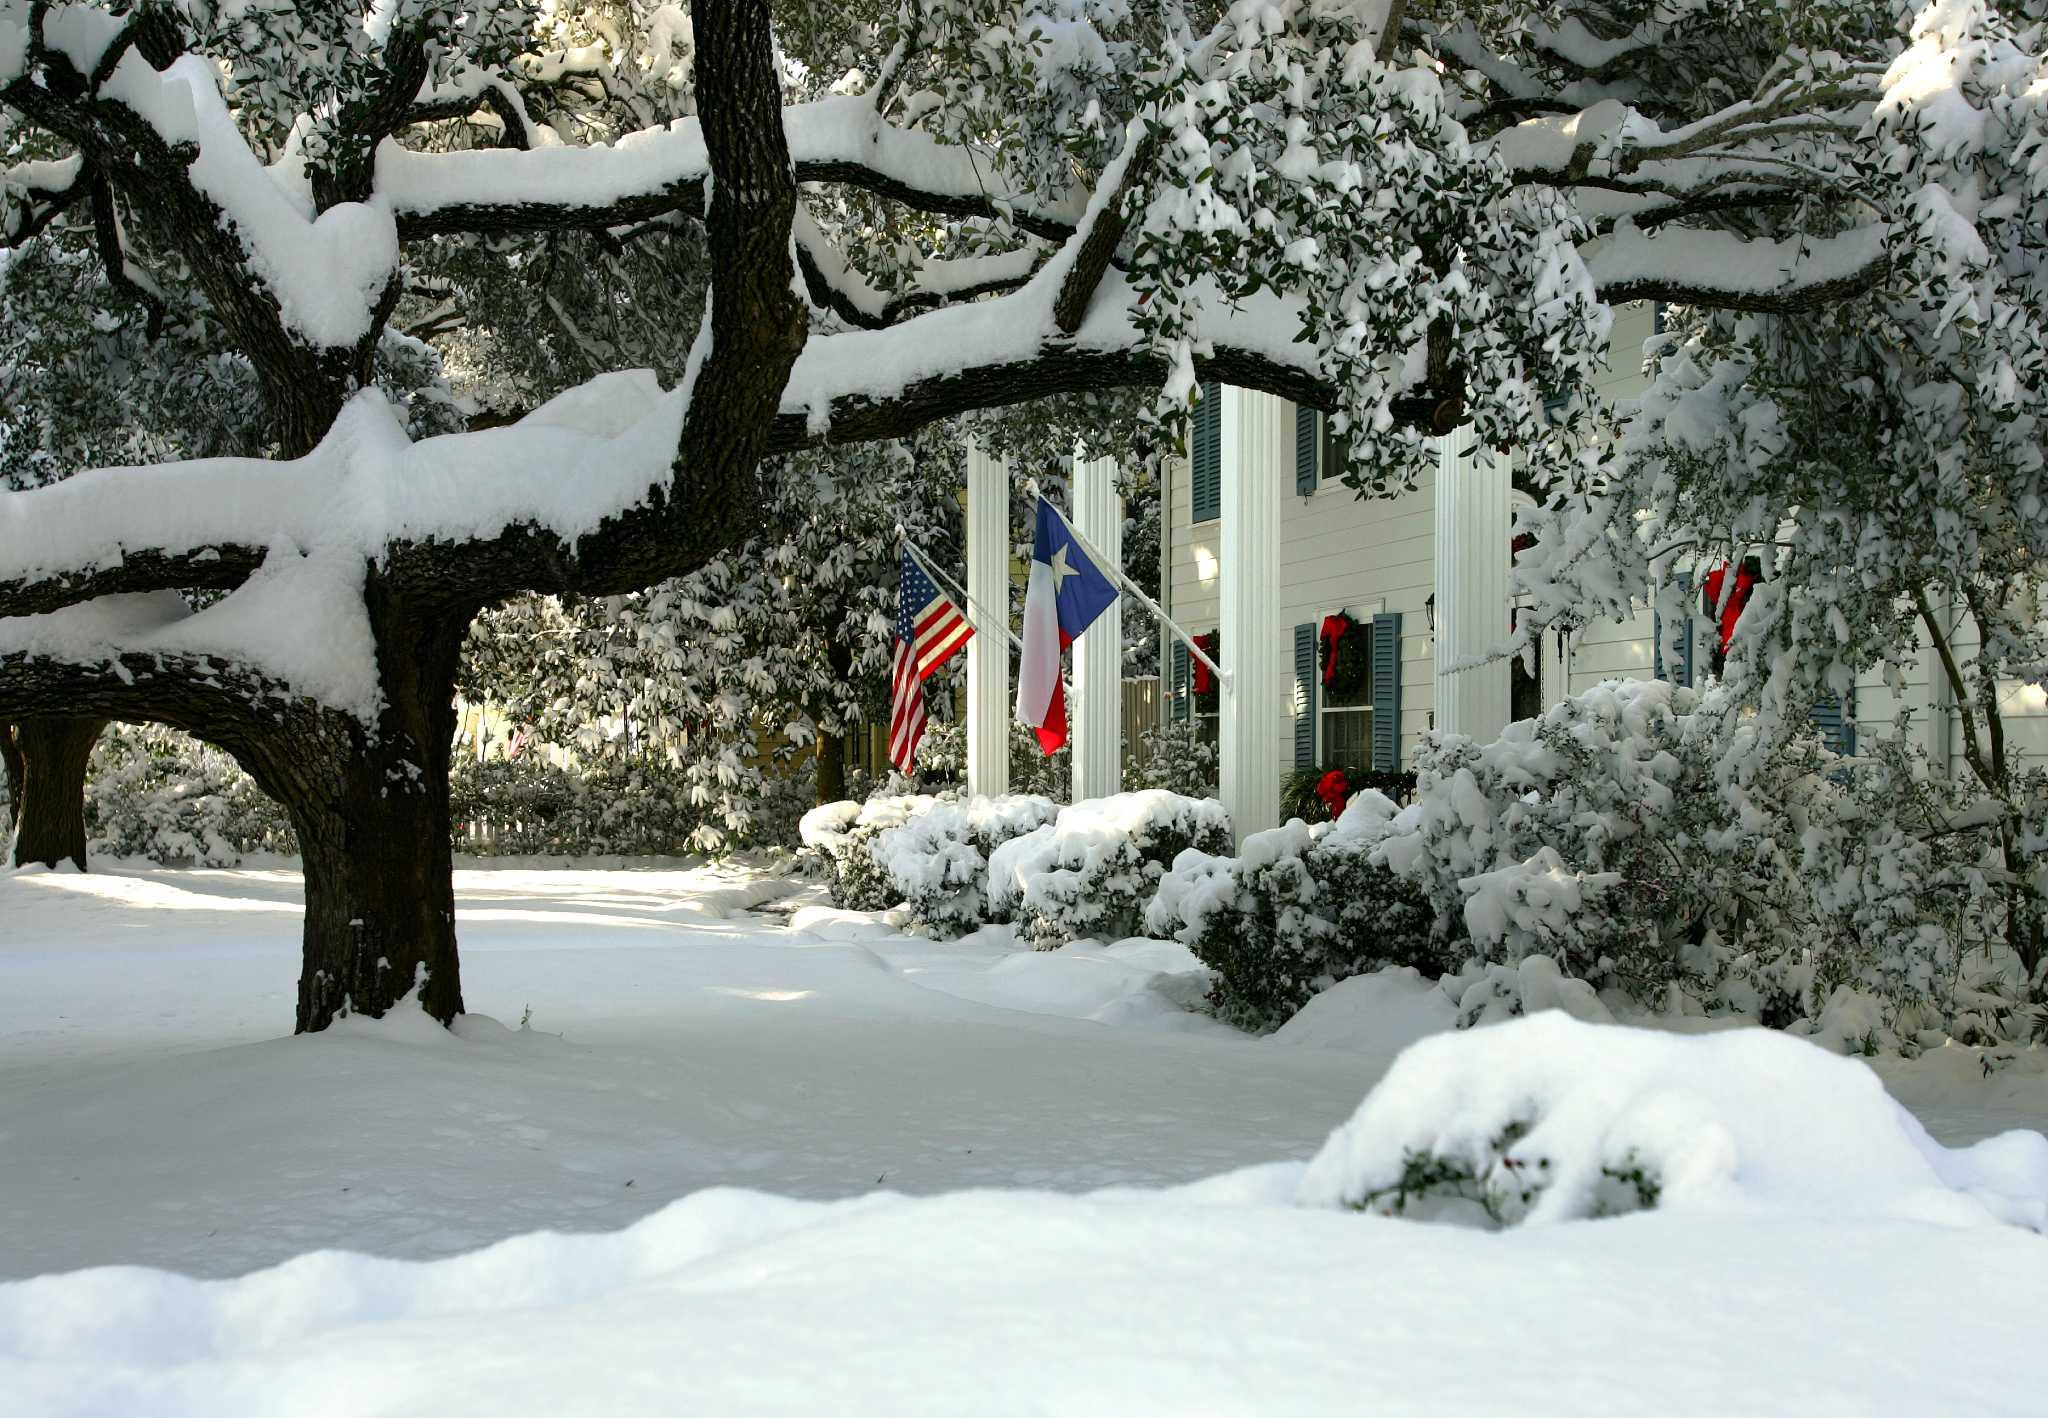 Christmas Snow Of 2004 Still Stirs Memories San Antonio